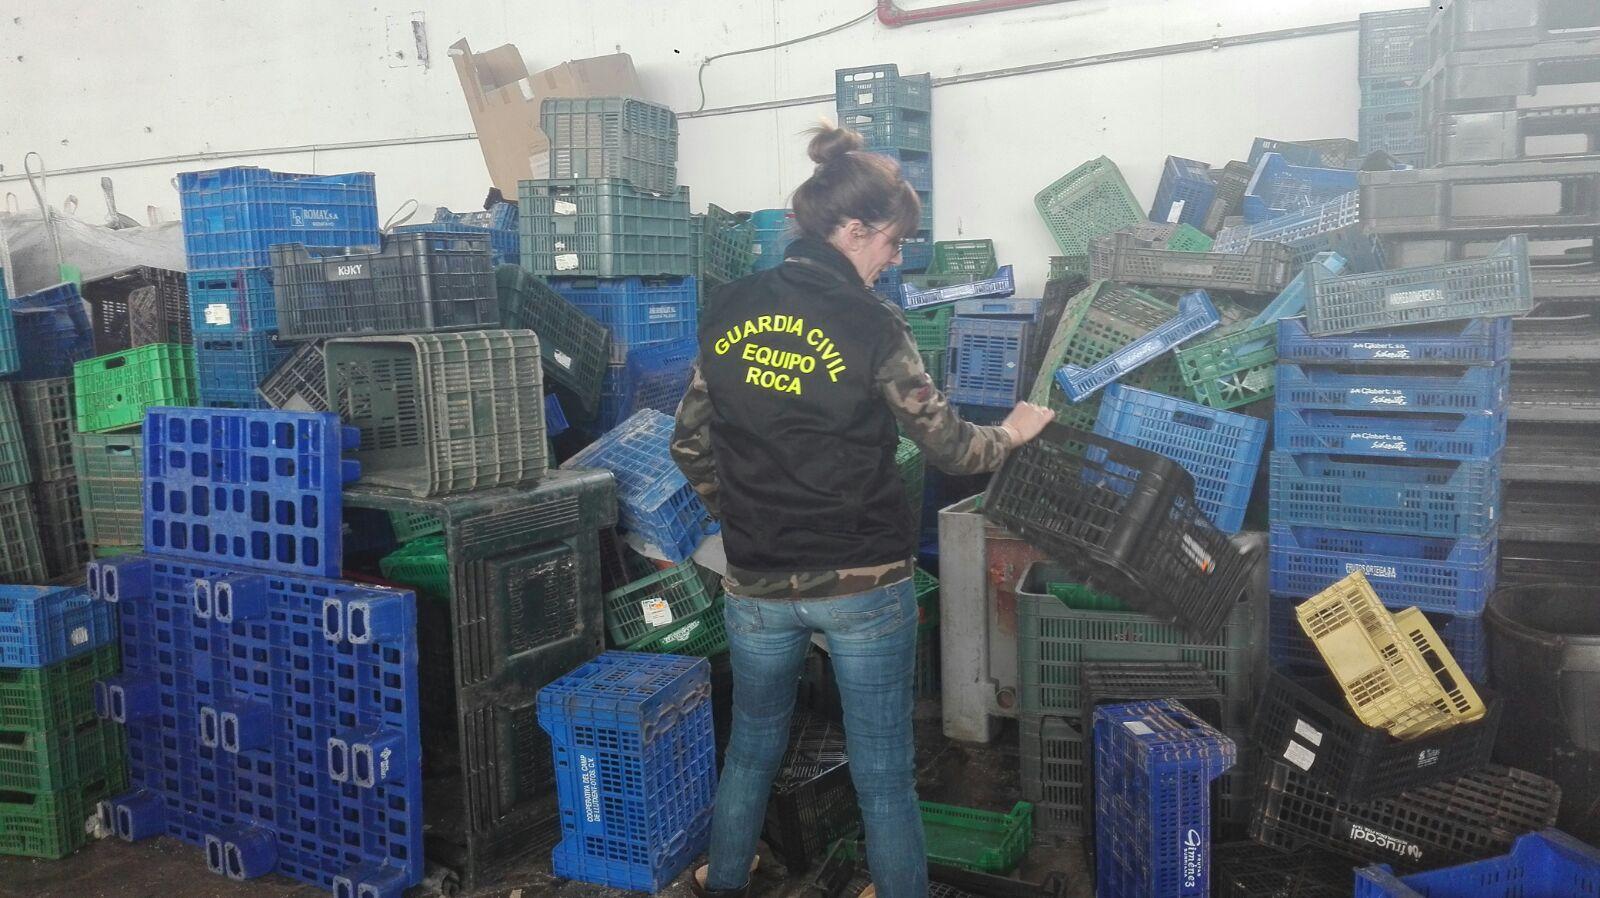 Los implicados sustrajeron 500 cajones de una cooperativa de Carlet valorados en 3.000 euros para venderlos en una chatarrería de reciclaje.